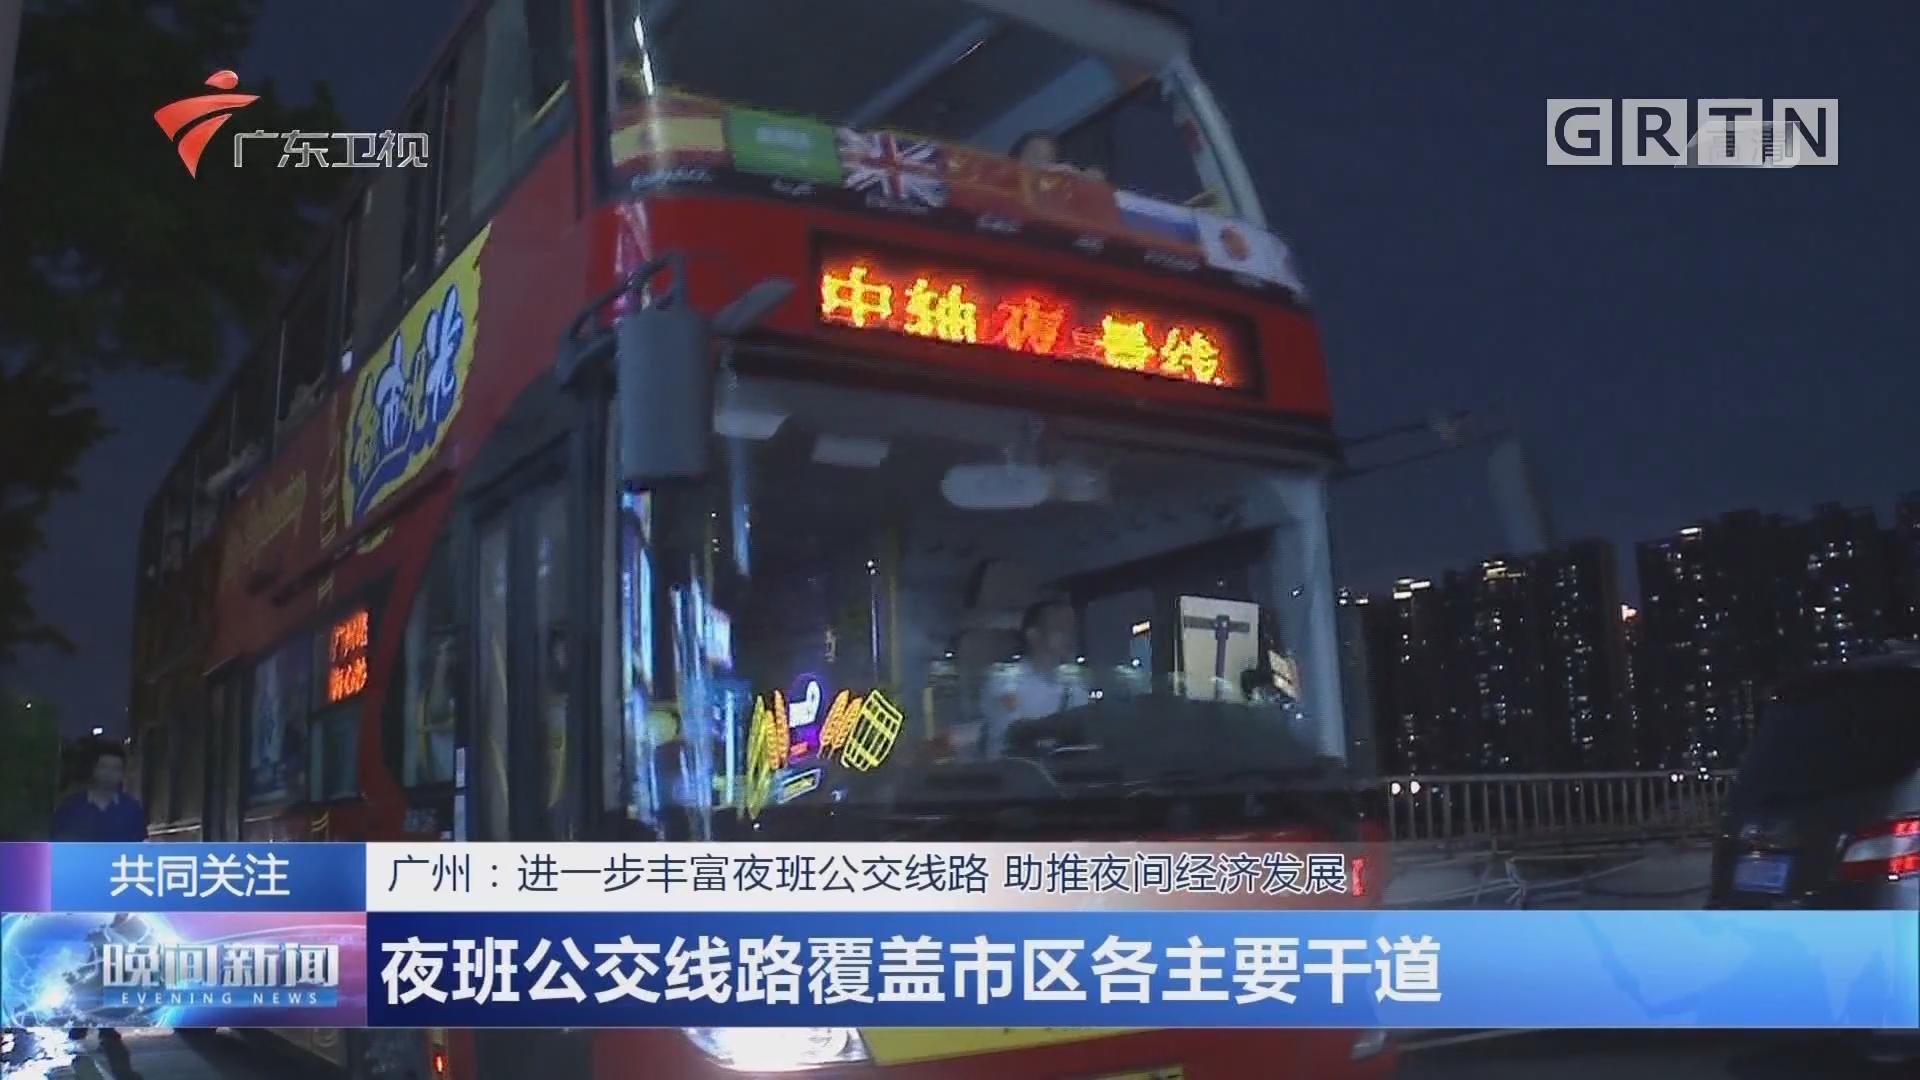 广州:进步丰富夜班公交线路 助推夜间经济发展 夜班公交线路覆盖市区各主要干道